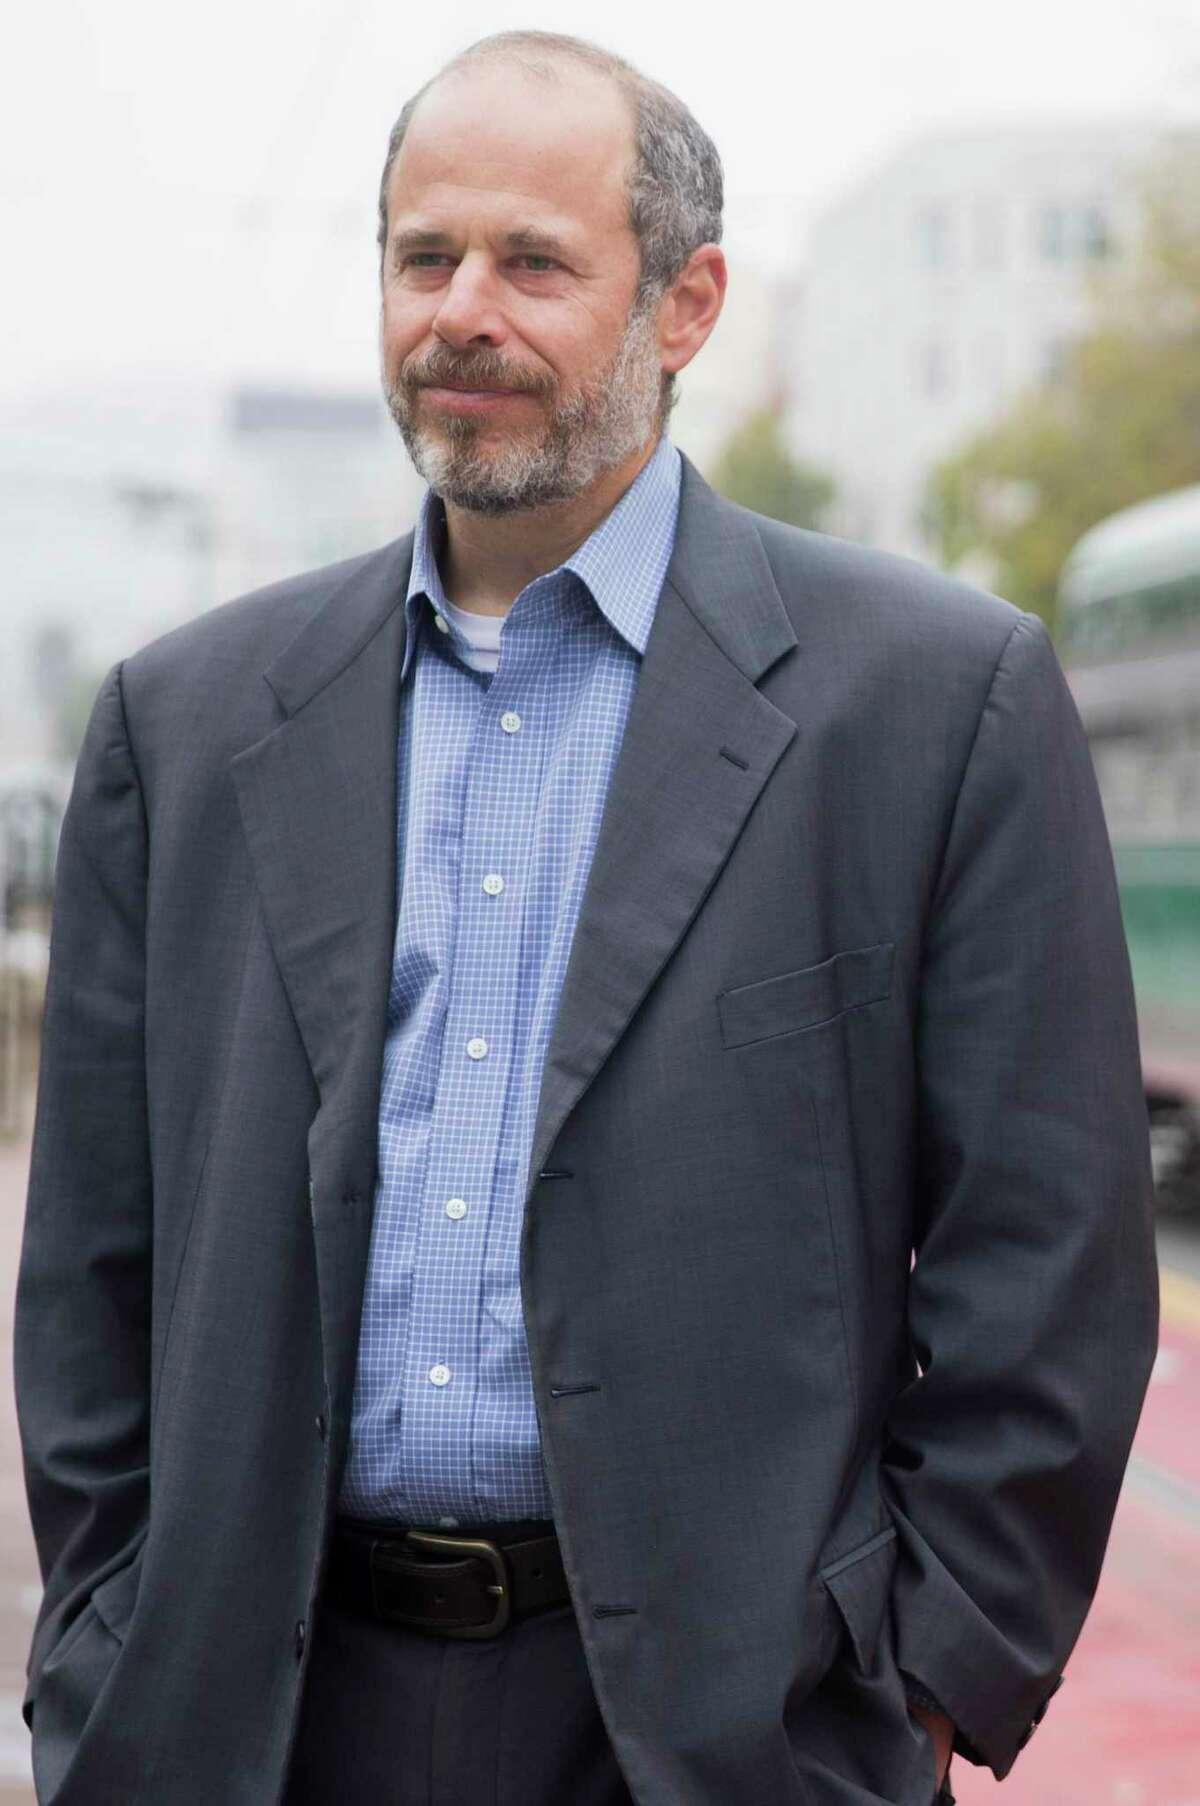 Oakland City Administrator Ed Reiskin